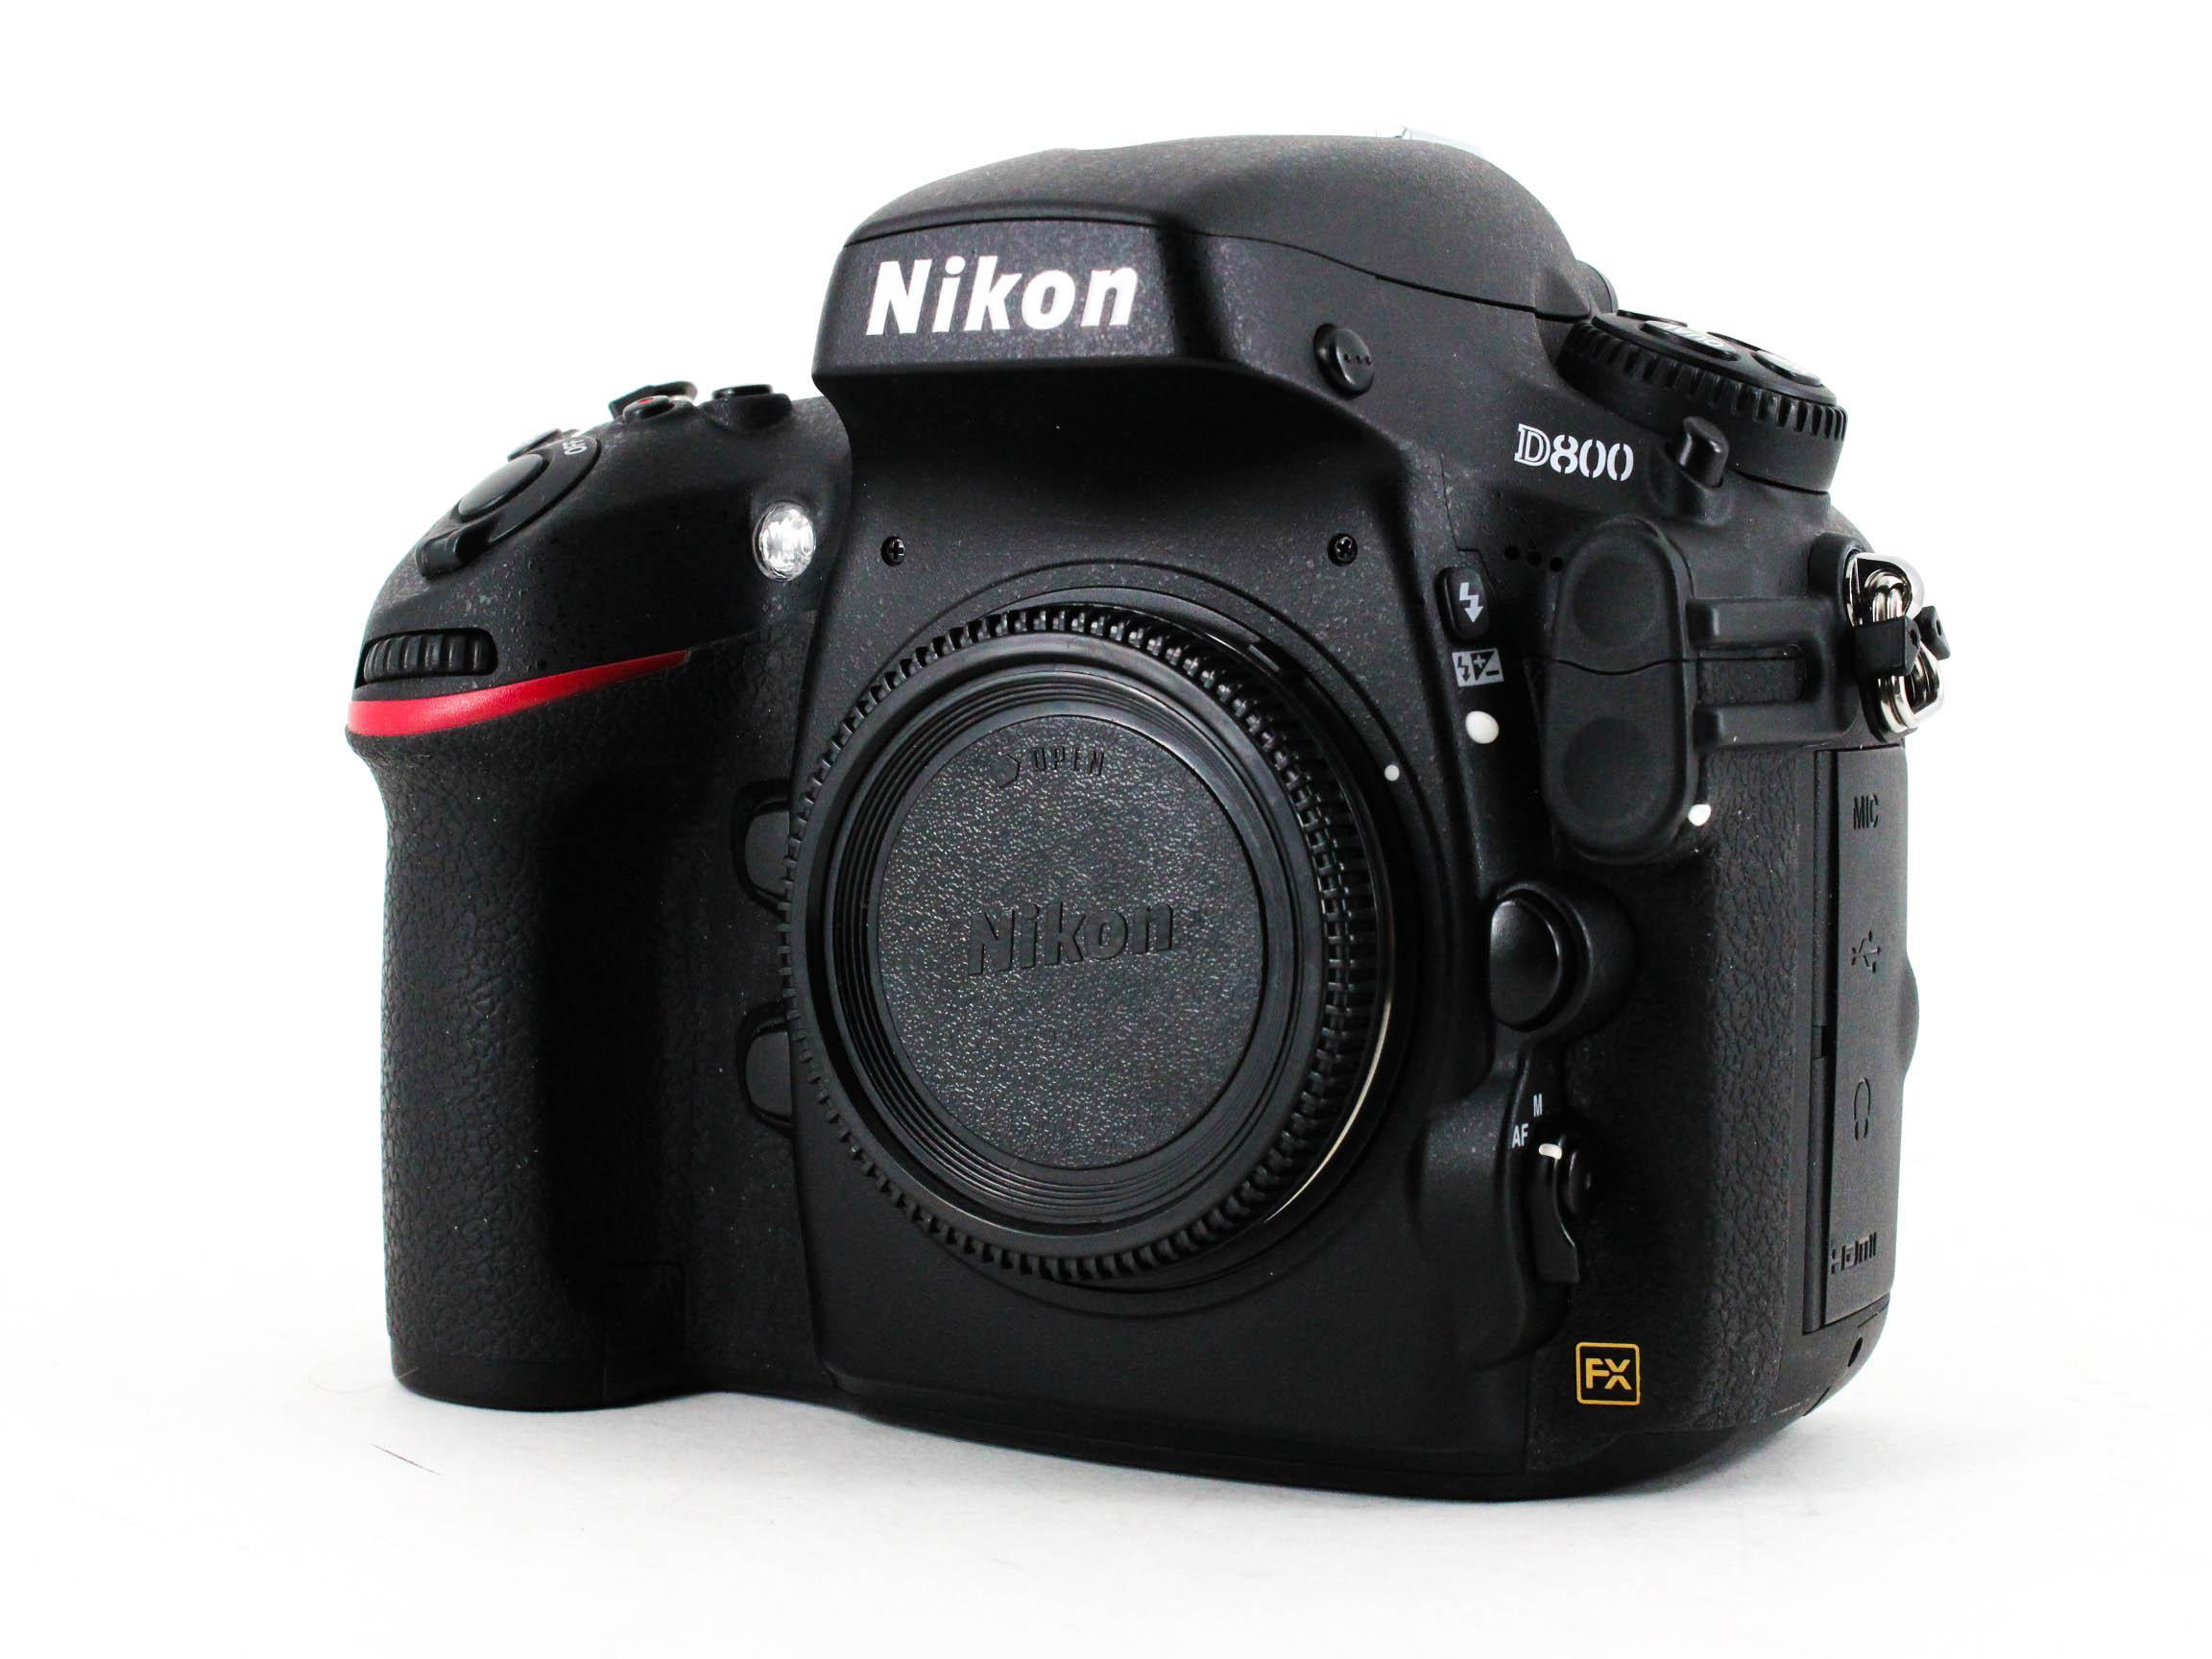 nikon d800 front image